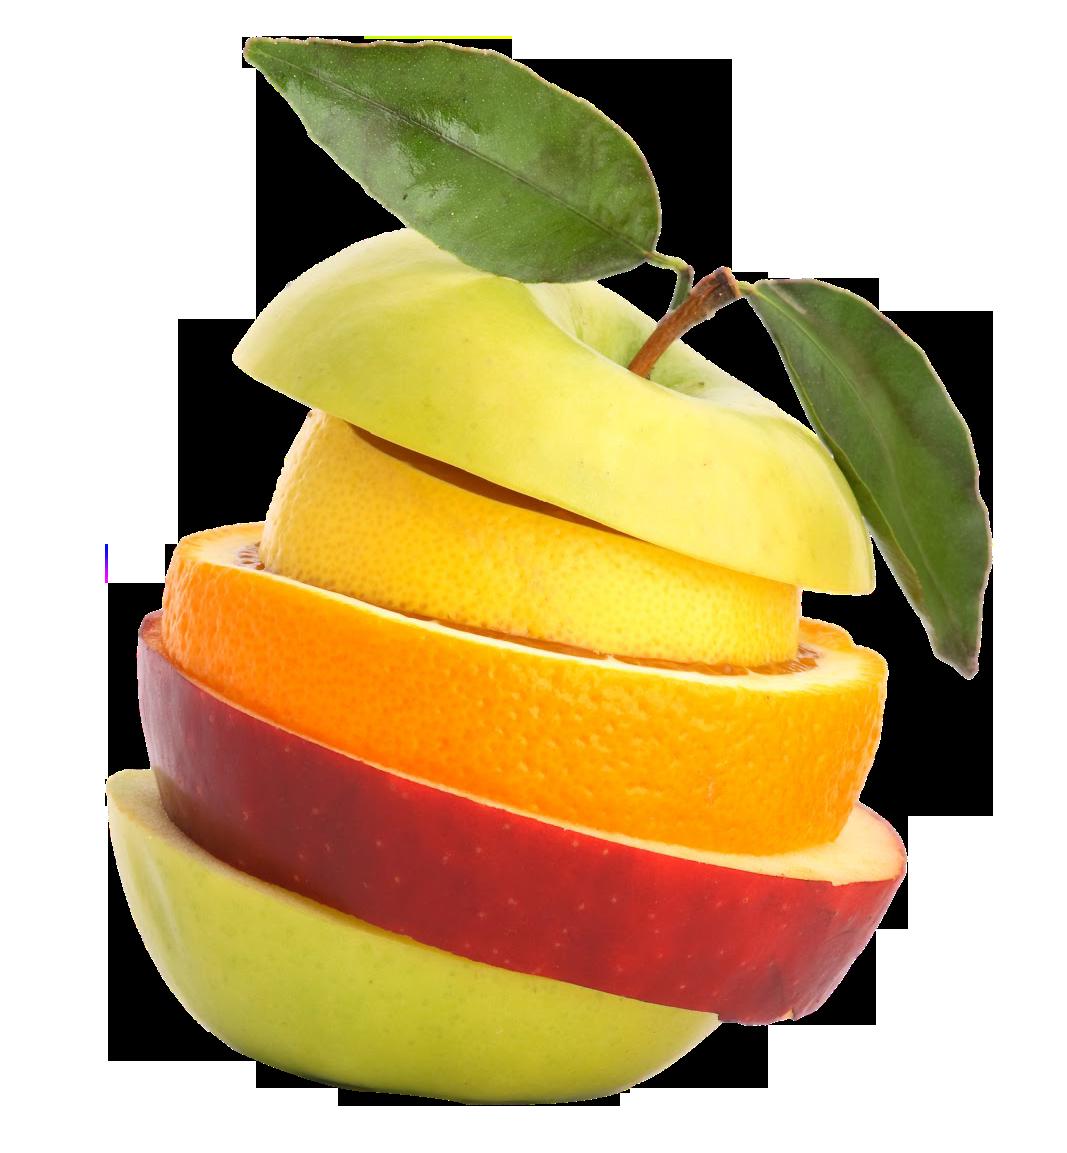 Juice clipart fruit mix. Fruits png transparent background